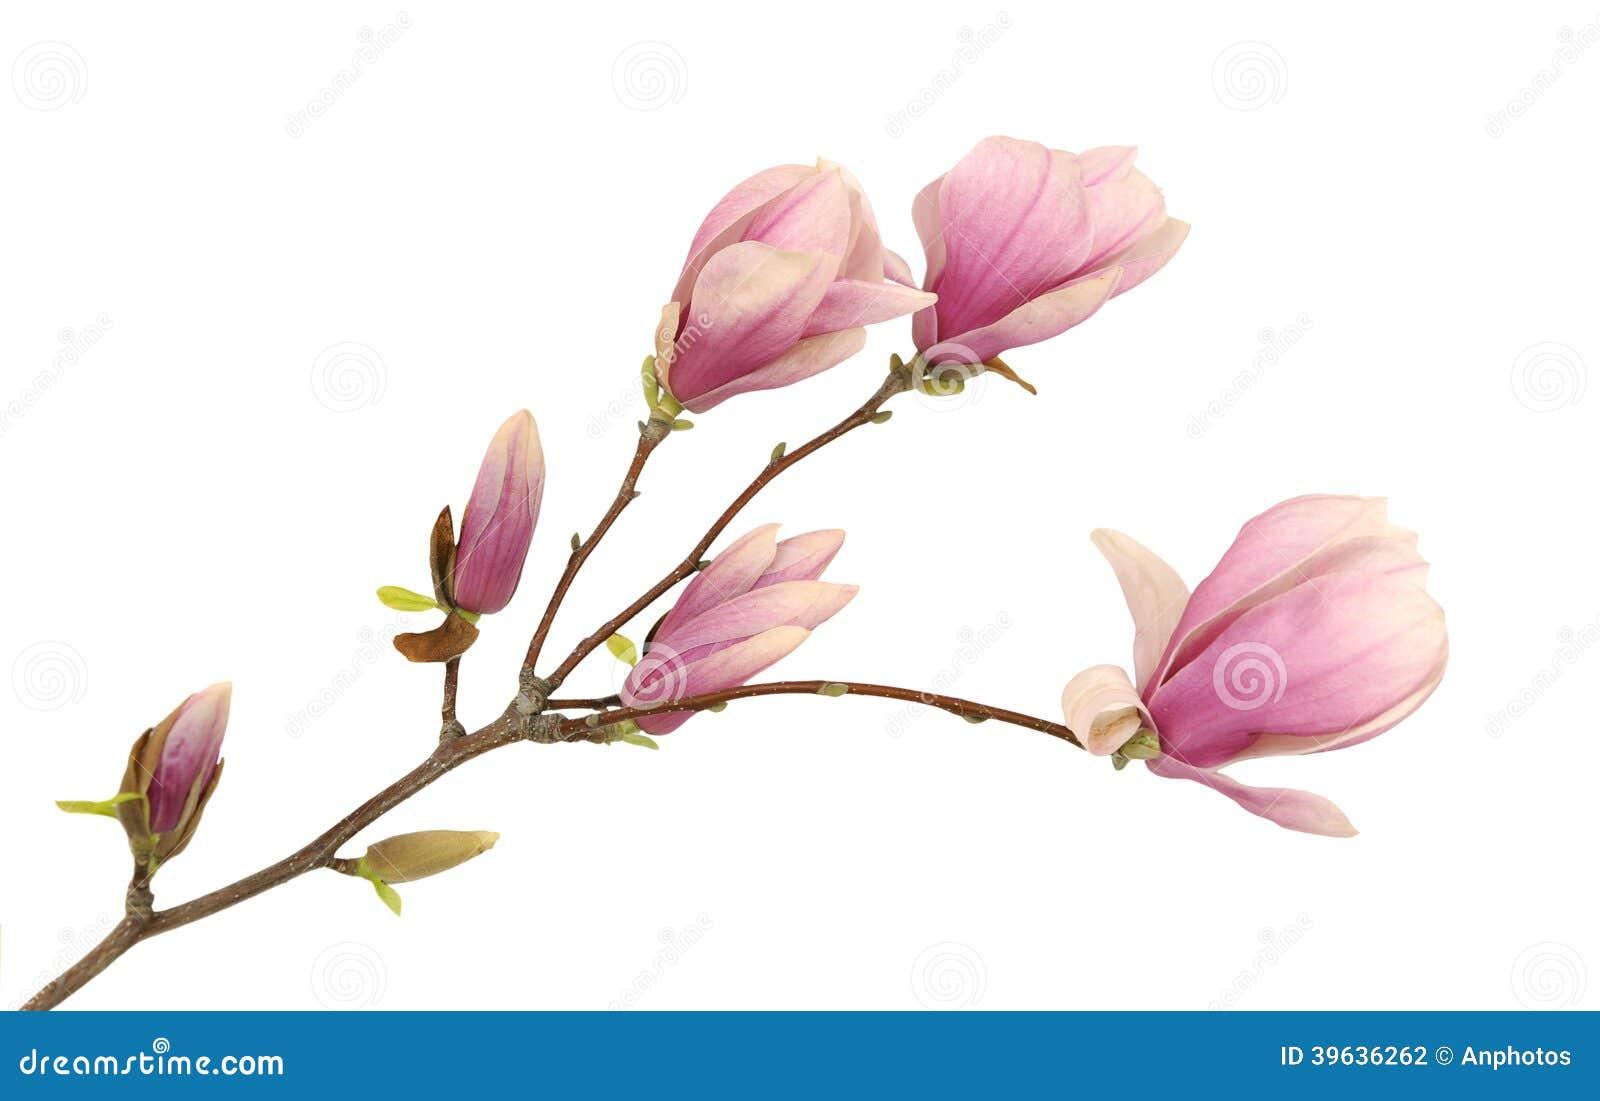 Magnolia rosa fotografia stock immagine di esterno for Magnolia pianta prezzi